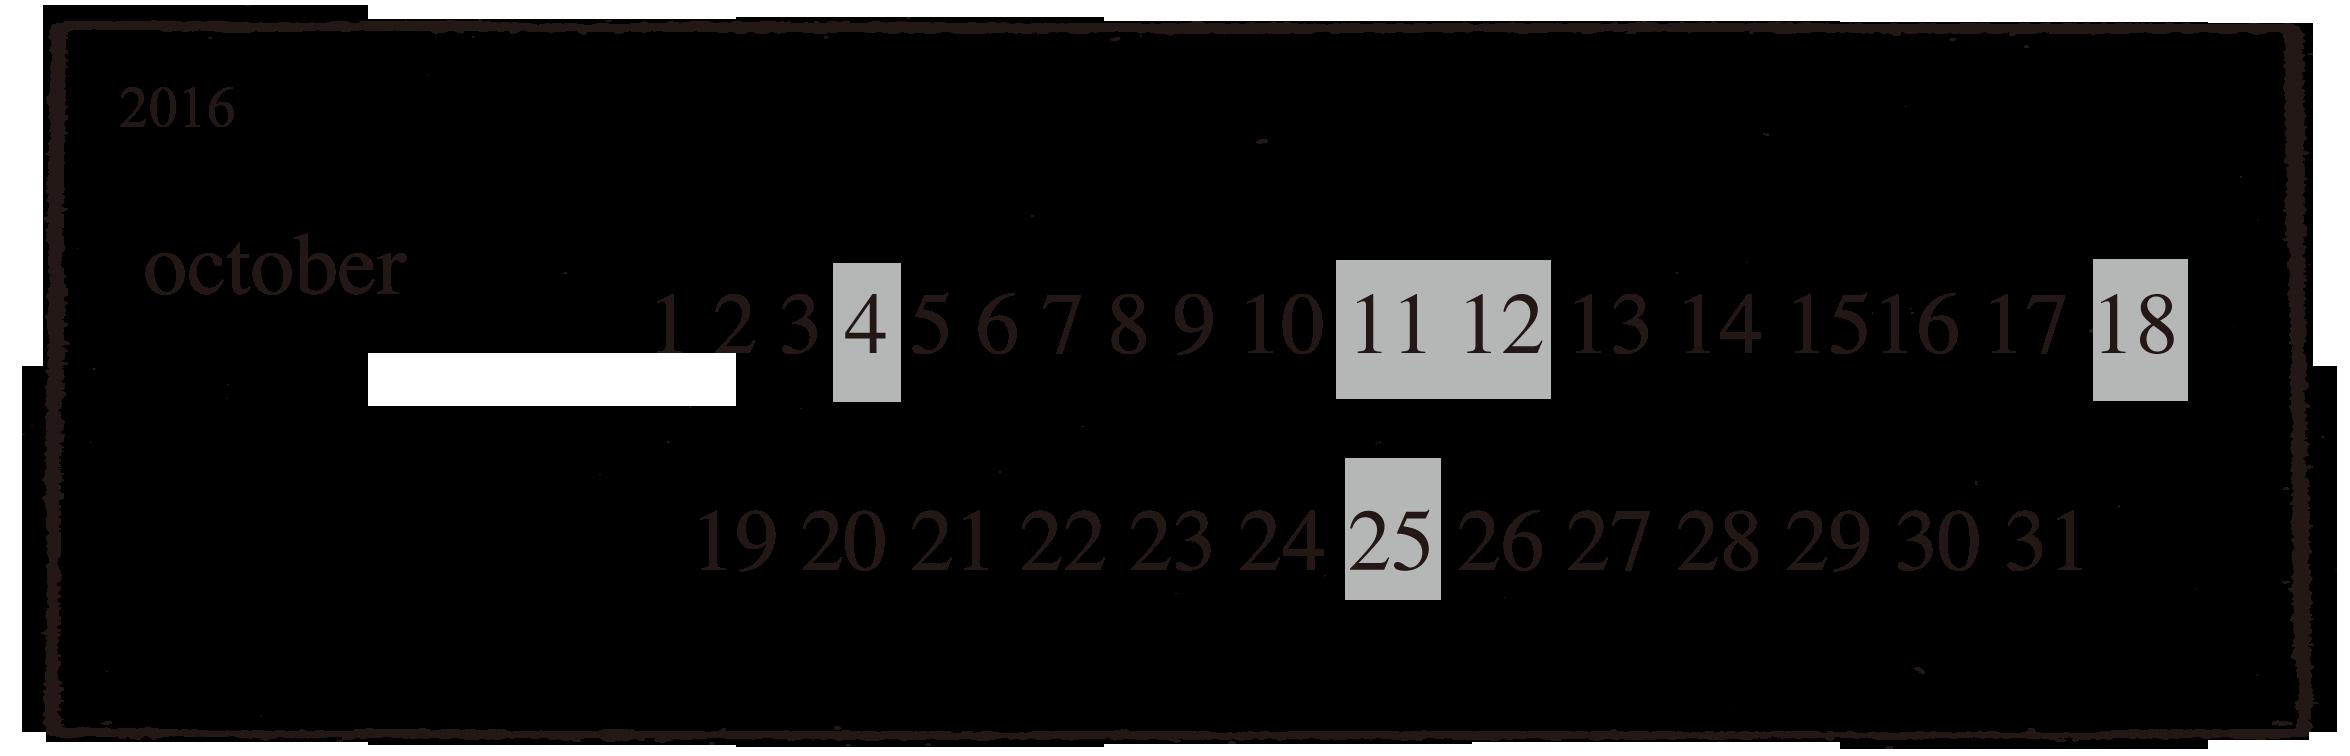 1610psd